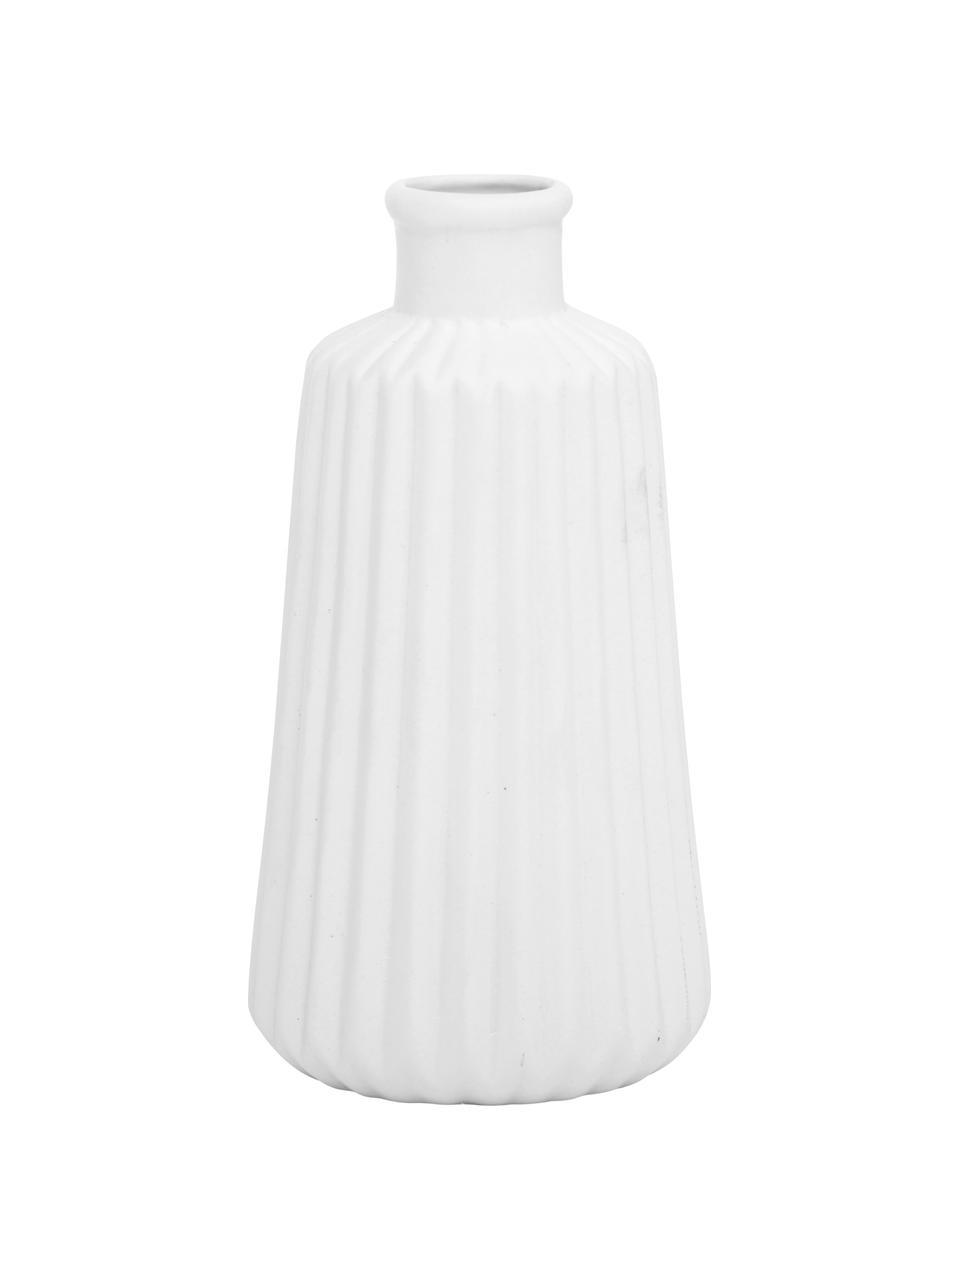 Komplet wazonów z porcelany Esko, 2 elem., Porcelana, Biały, Ø 8 x W 17 cm